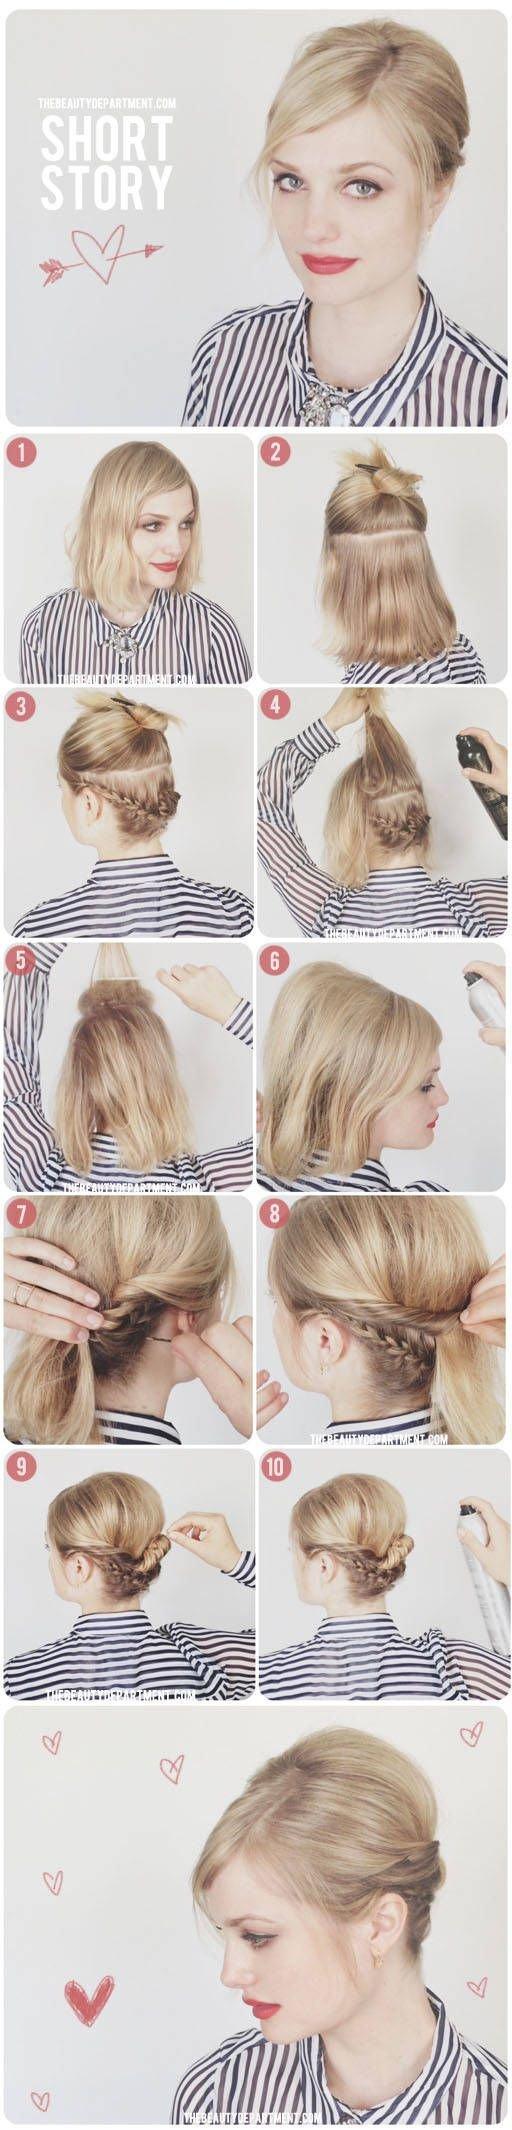 Причёски с короткими волосами для девушек пошагово